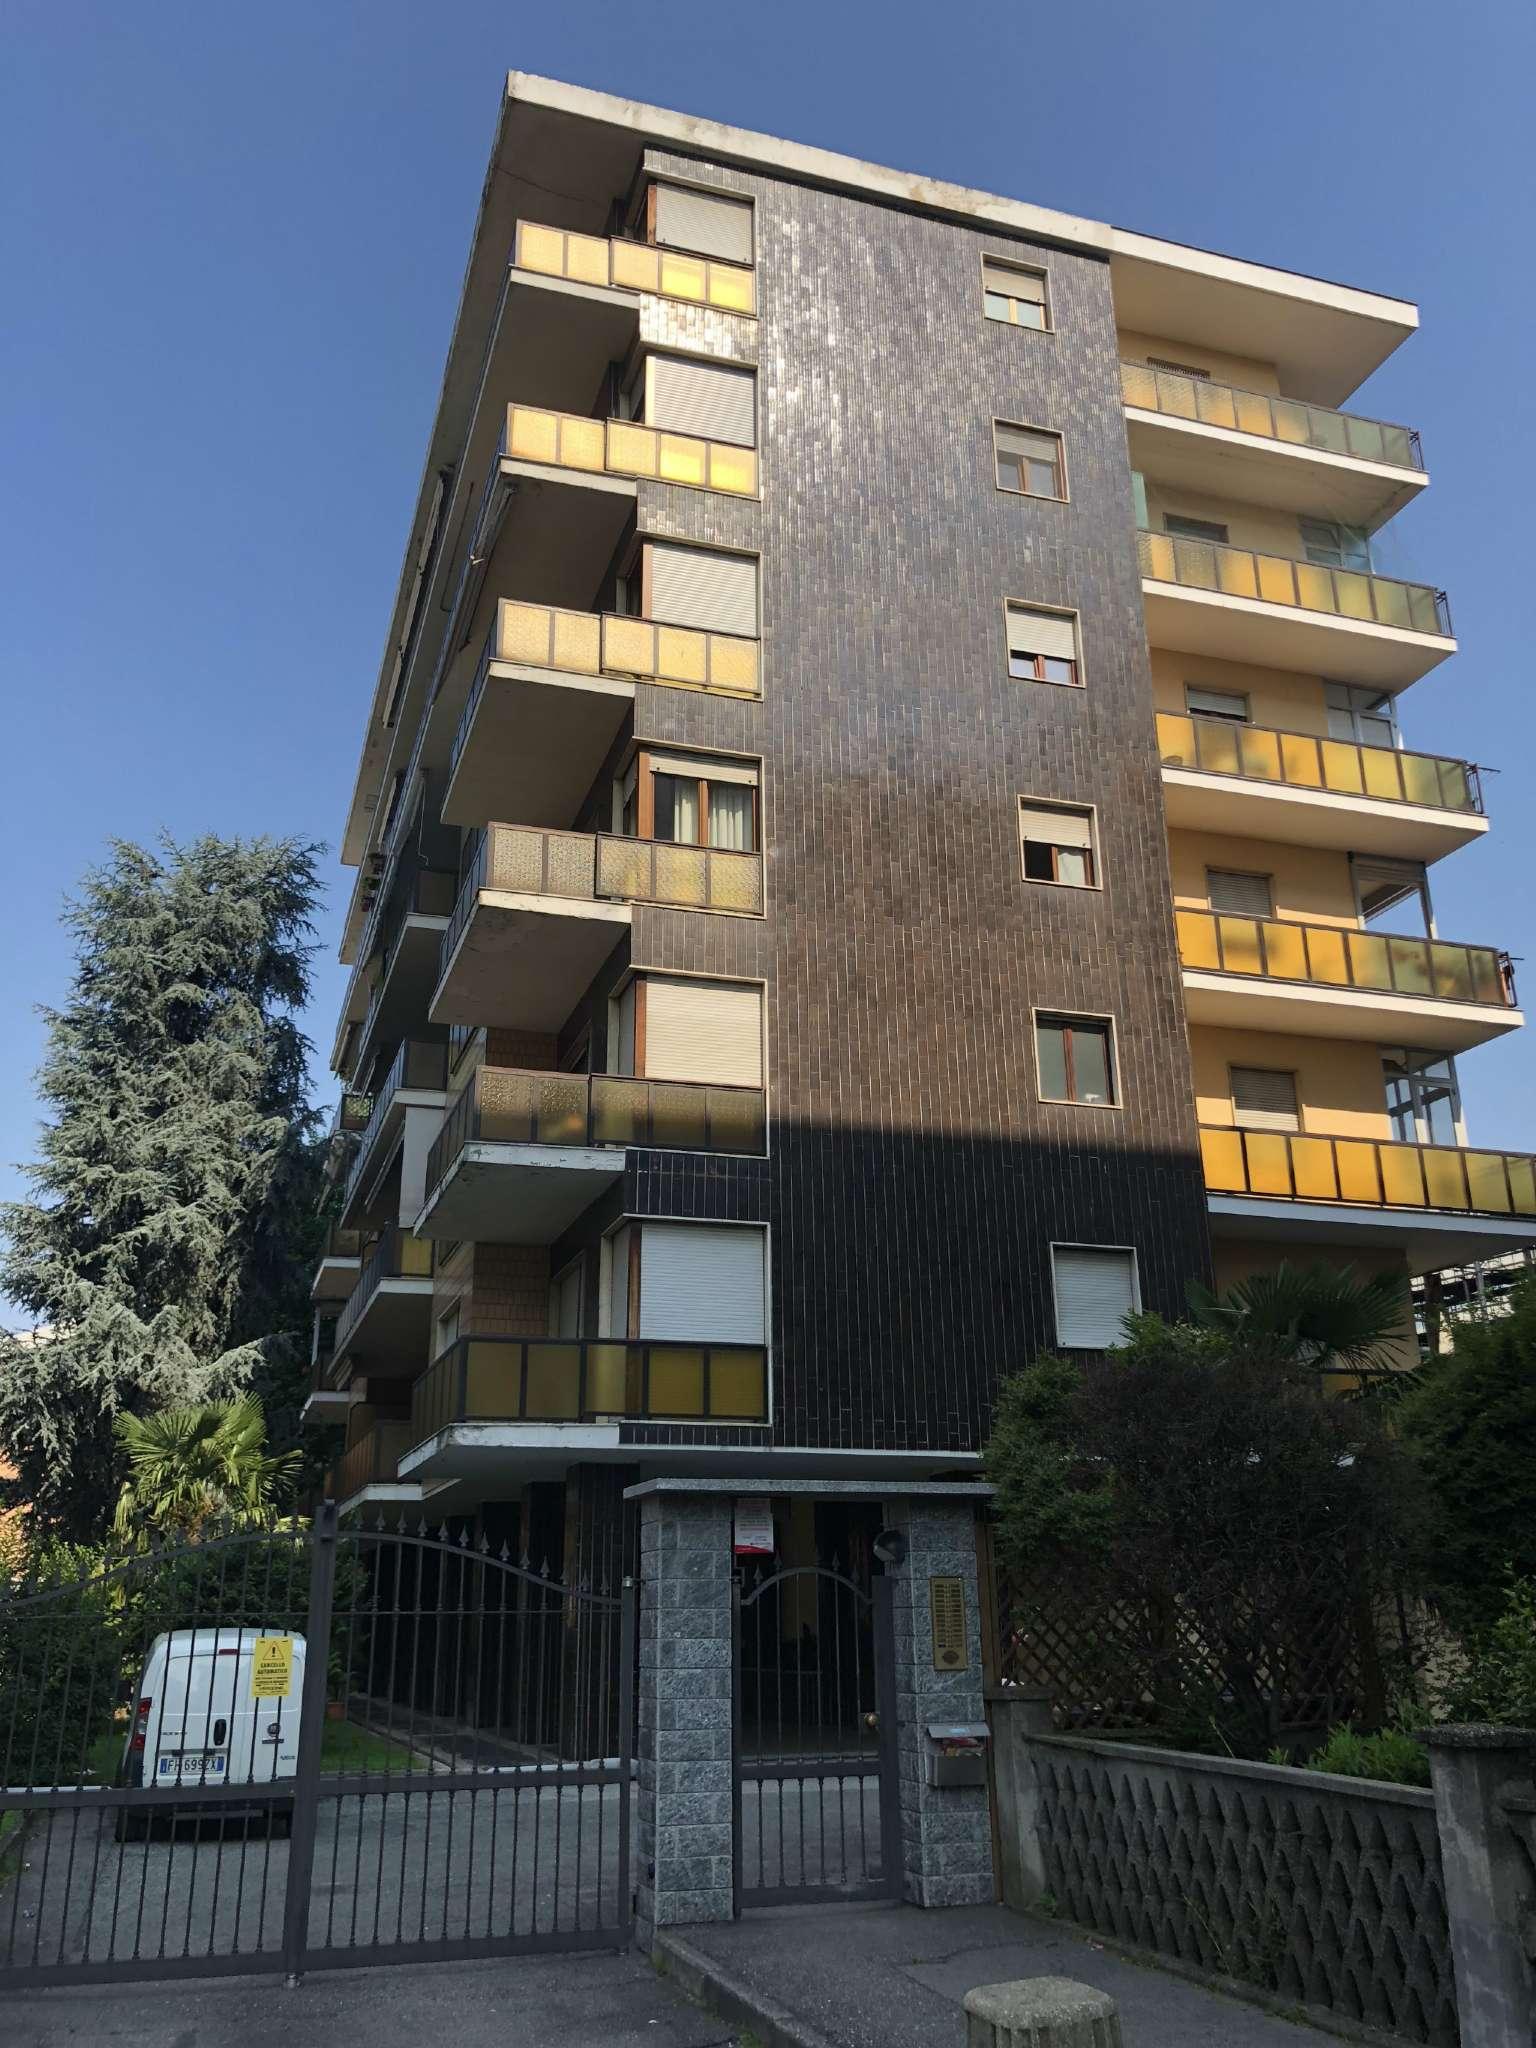 Appartamento in vendita a Collegno, 4 locali, prezzo € 180.000 | CambioCasa.it